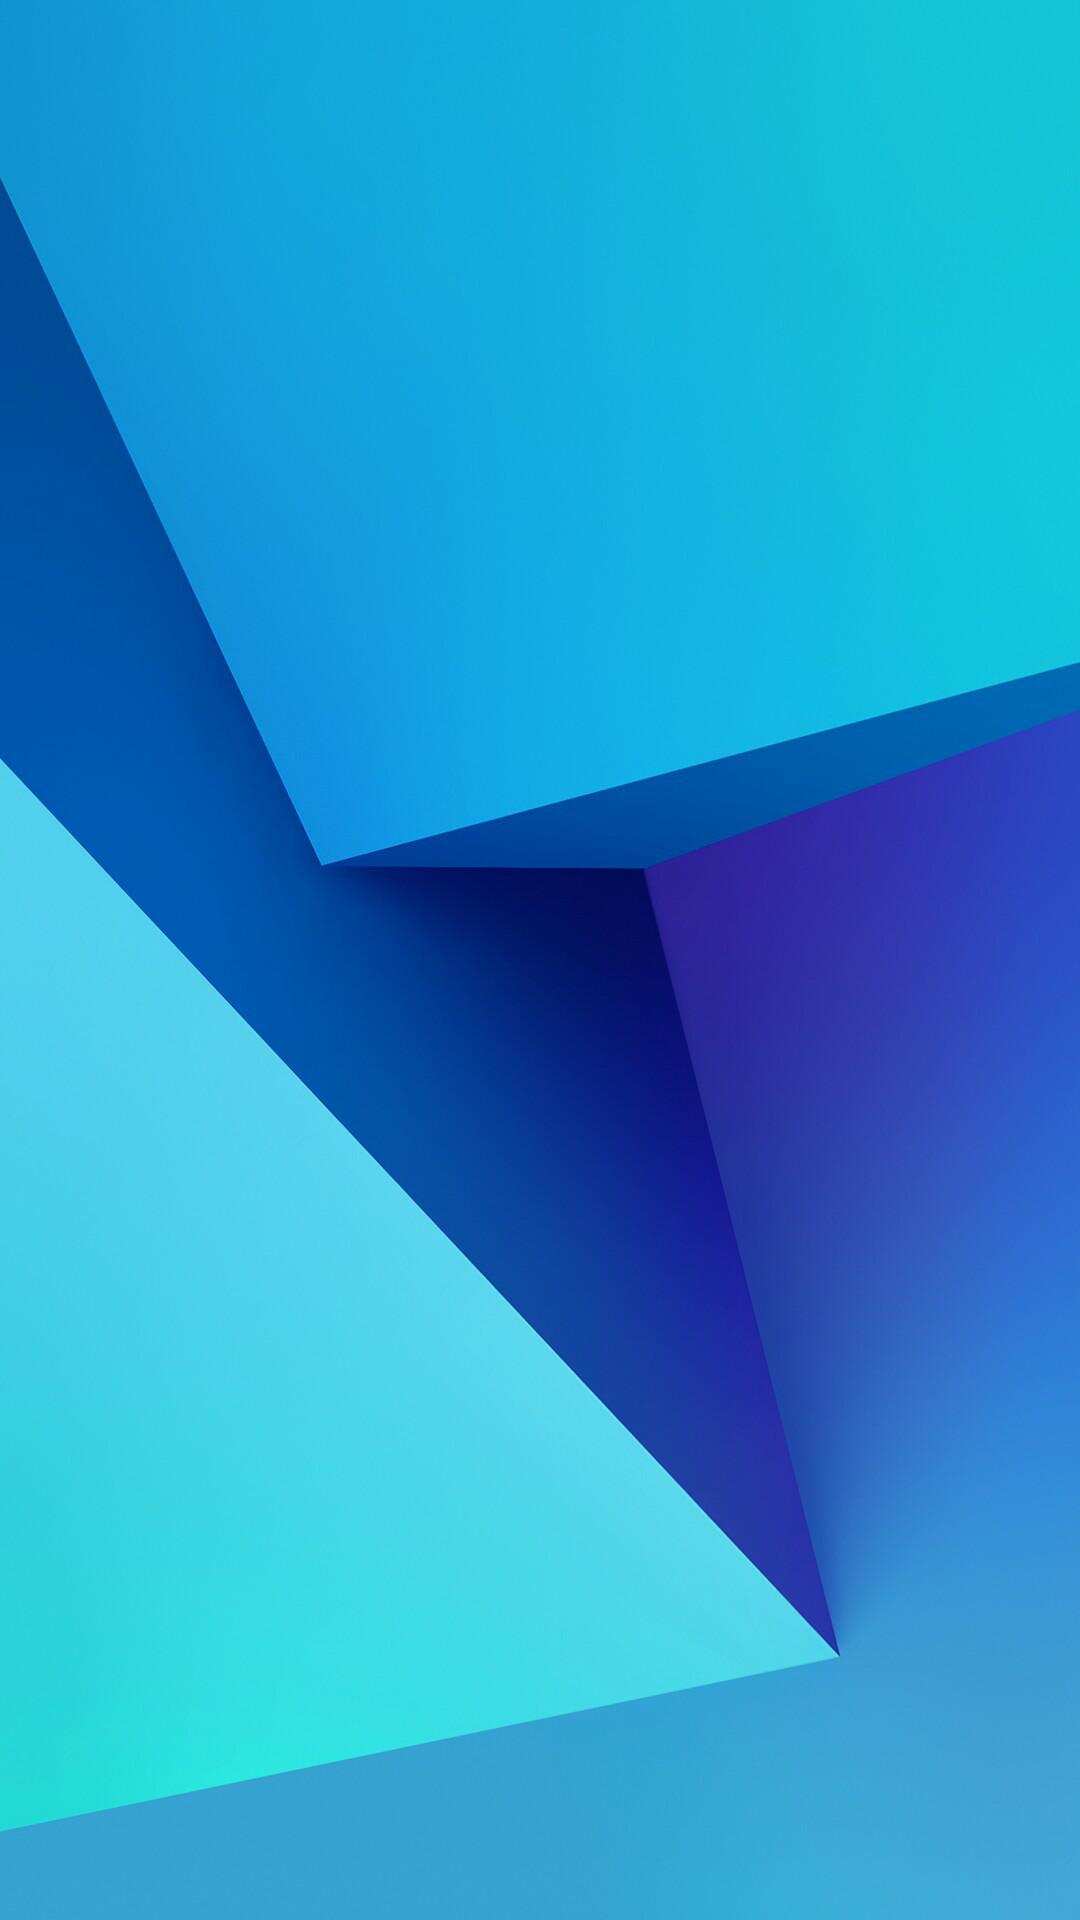 Hình nền Samsung khối xanh tím